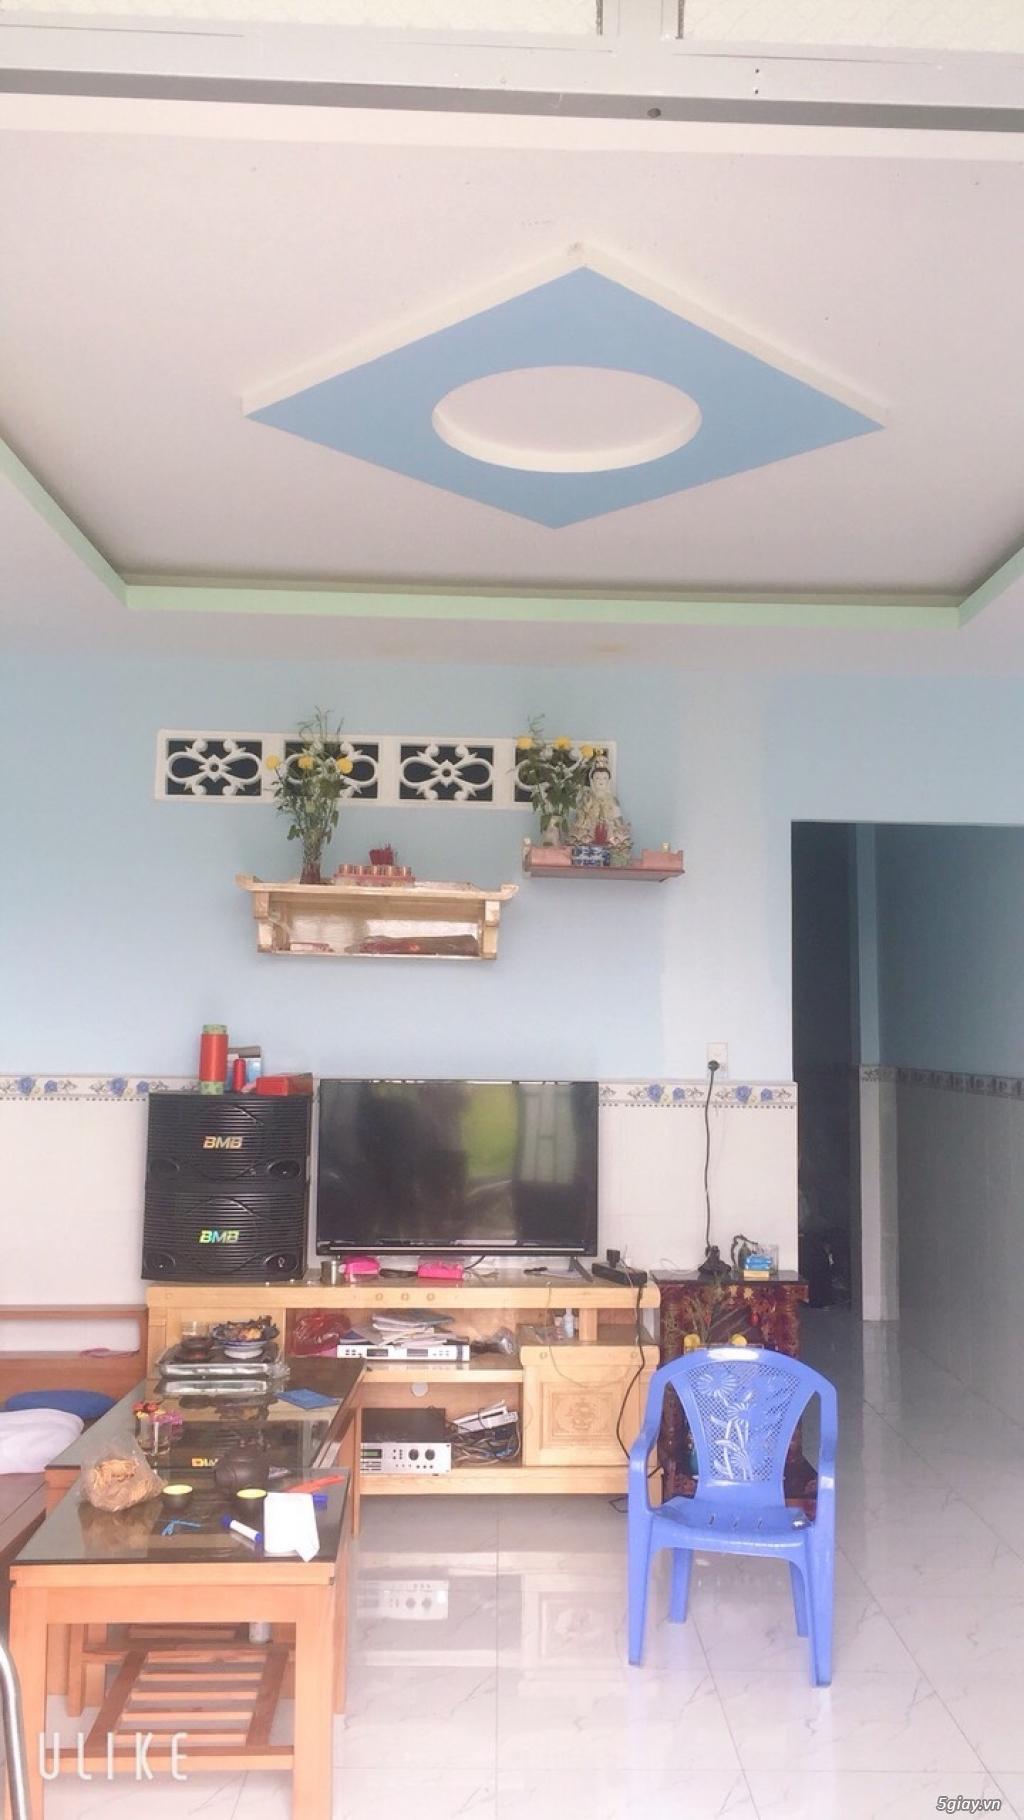 Bán nhà huyện Bình Chánh 4x12 m2 gác suốt ấp 2 vĩnh lộc A - 1